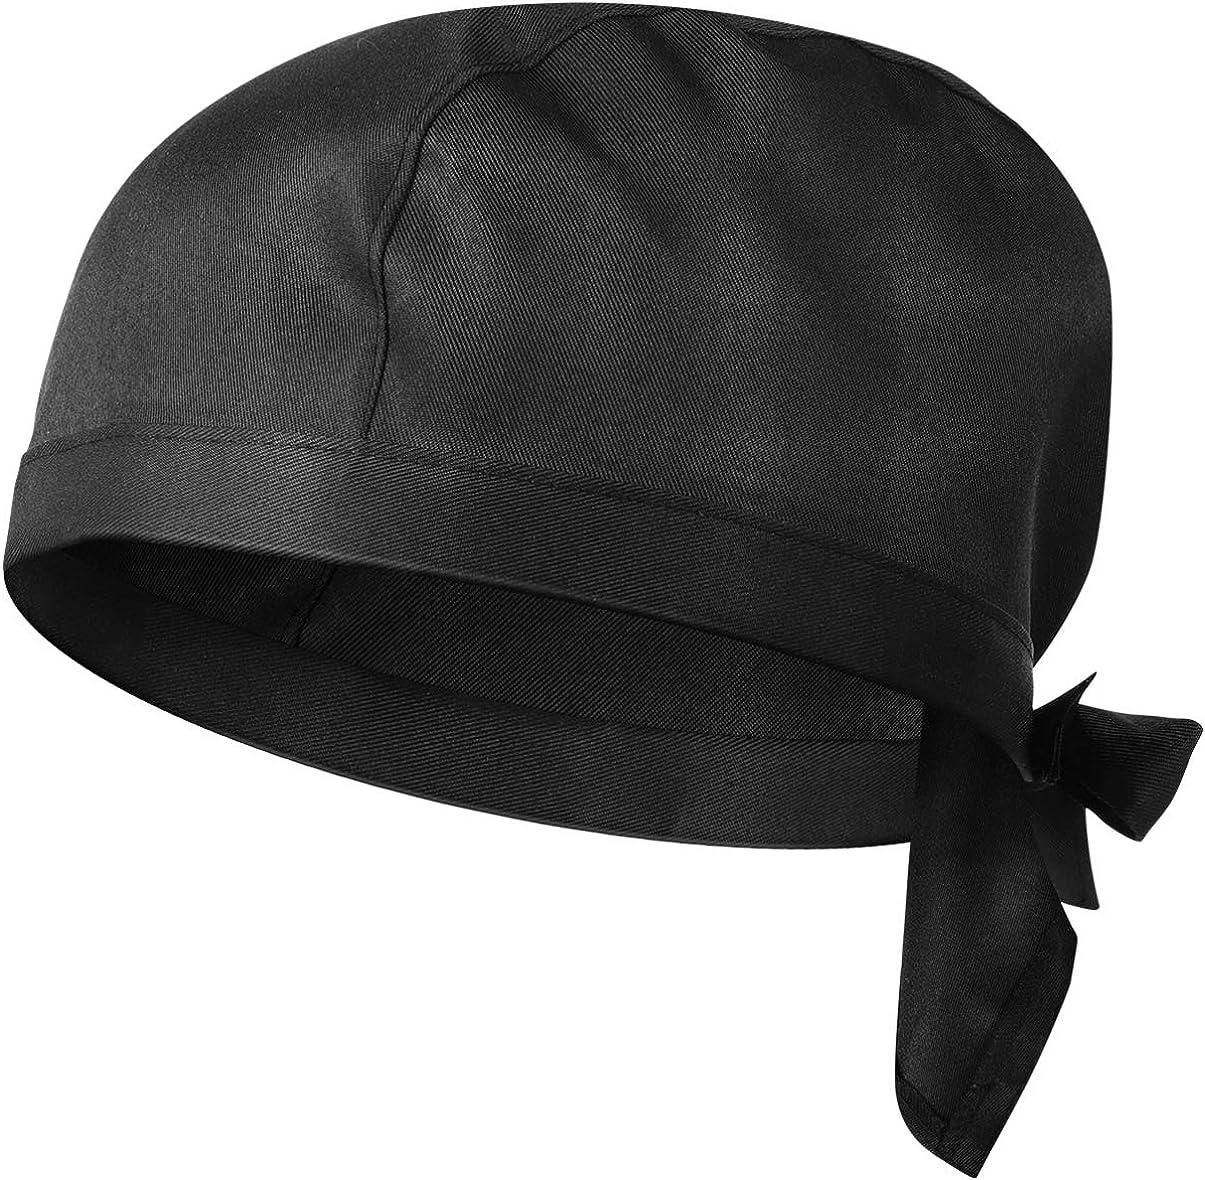 Fashion Chef Hats Work Wear Kitchen Coffee Restaurant Waiter Forward Cap Hat